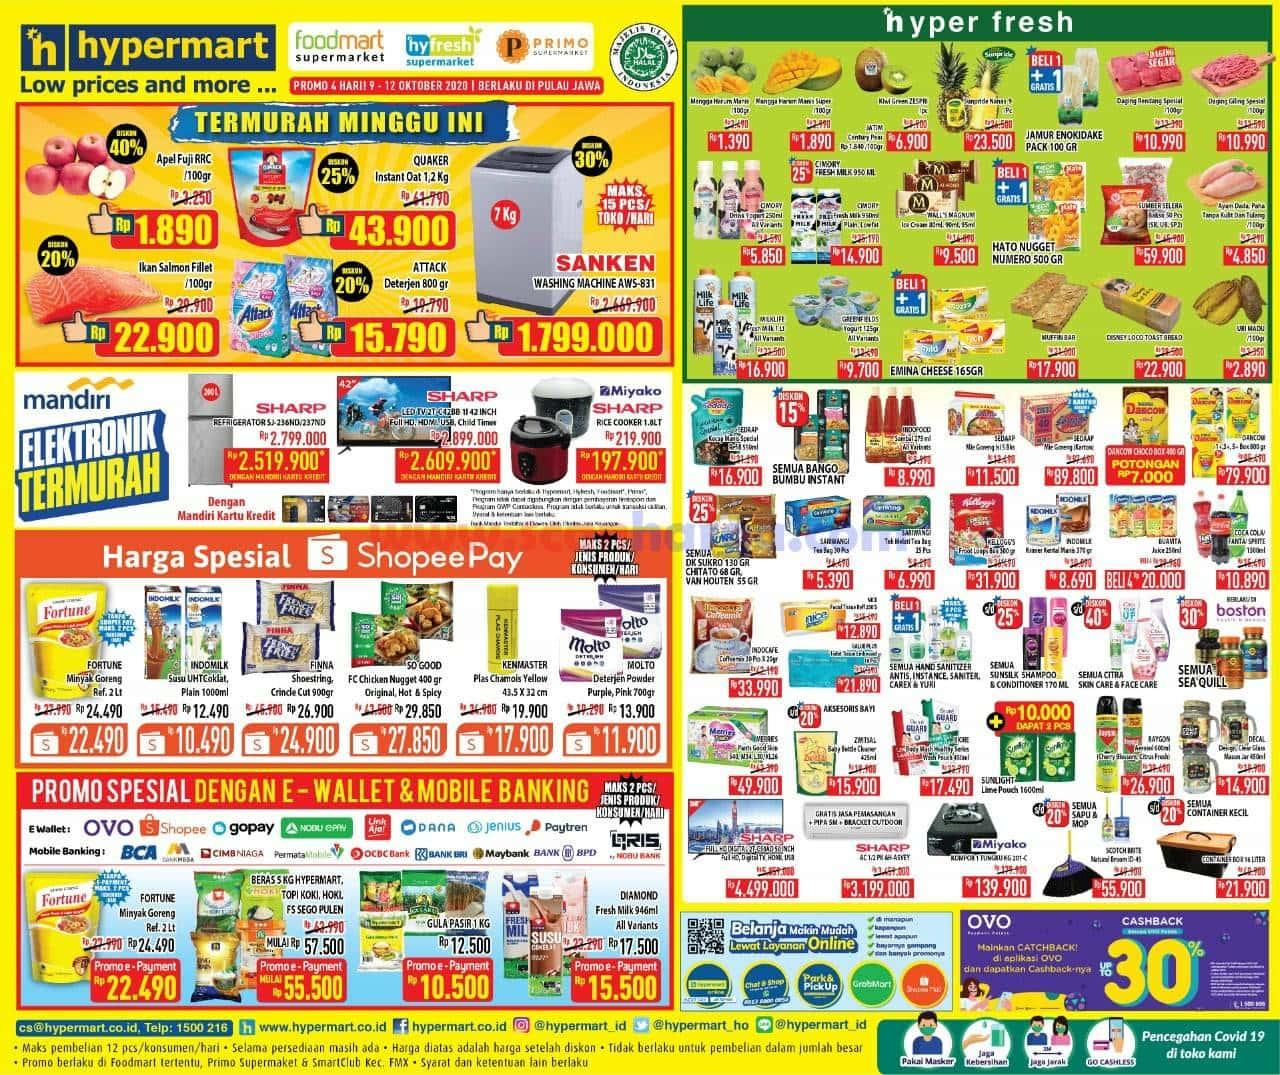 Katalog Promo Hypermart Weekend Terbaru 16 - 19 Oktober